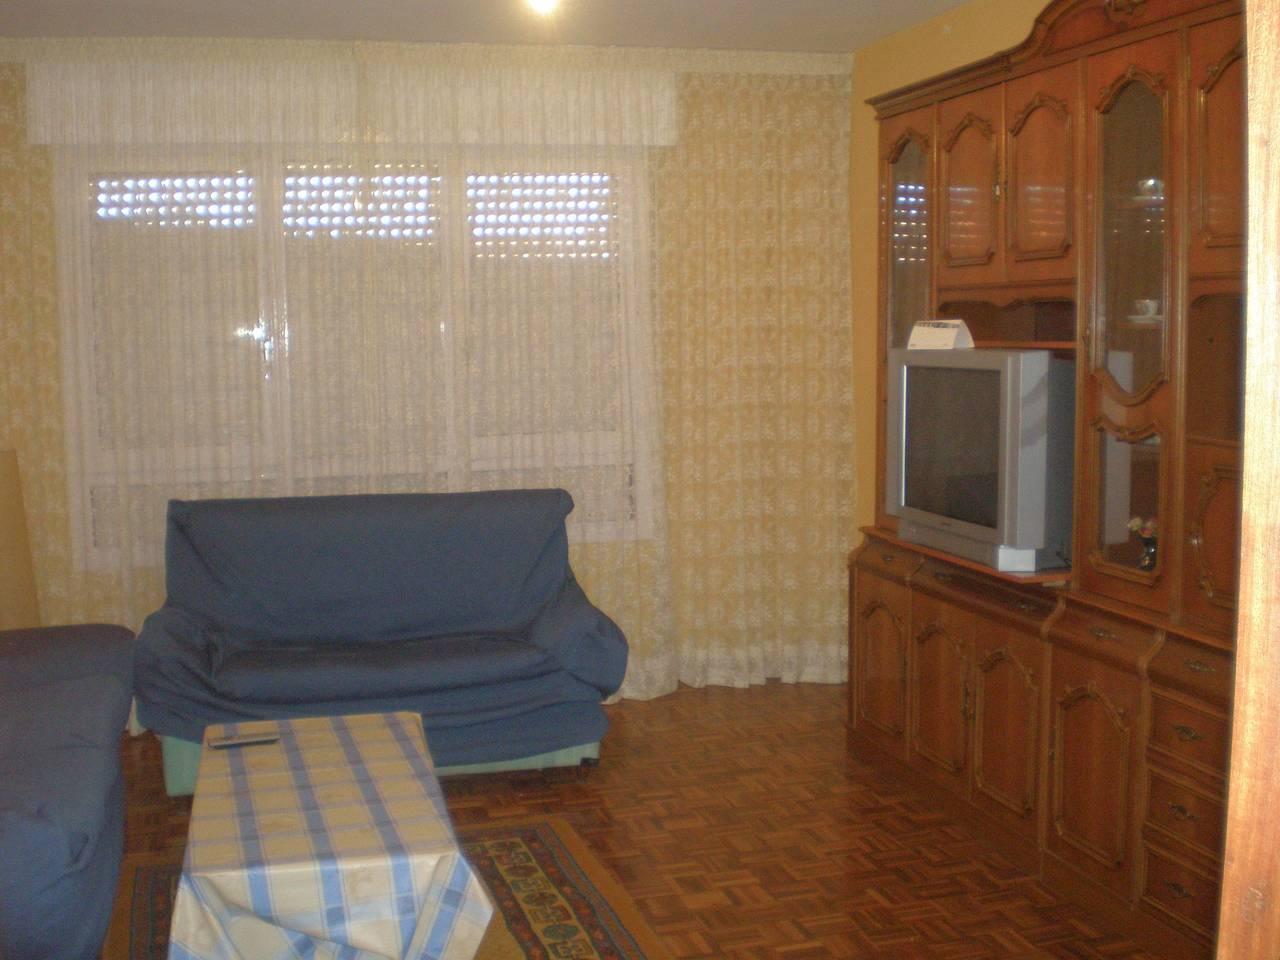 en soria se alquilan una habitacion en piso compartido  - Foto 4